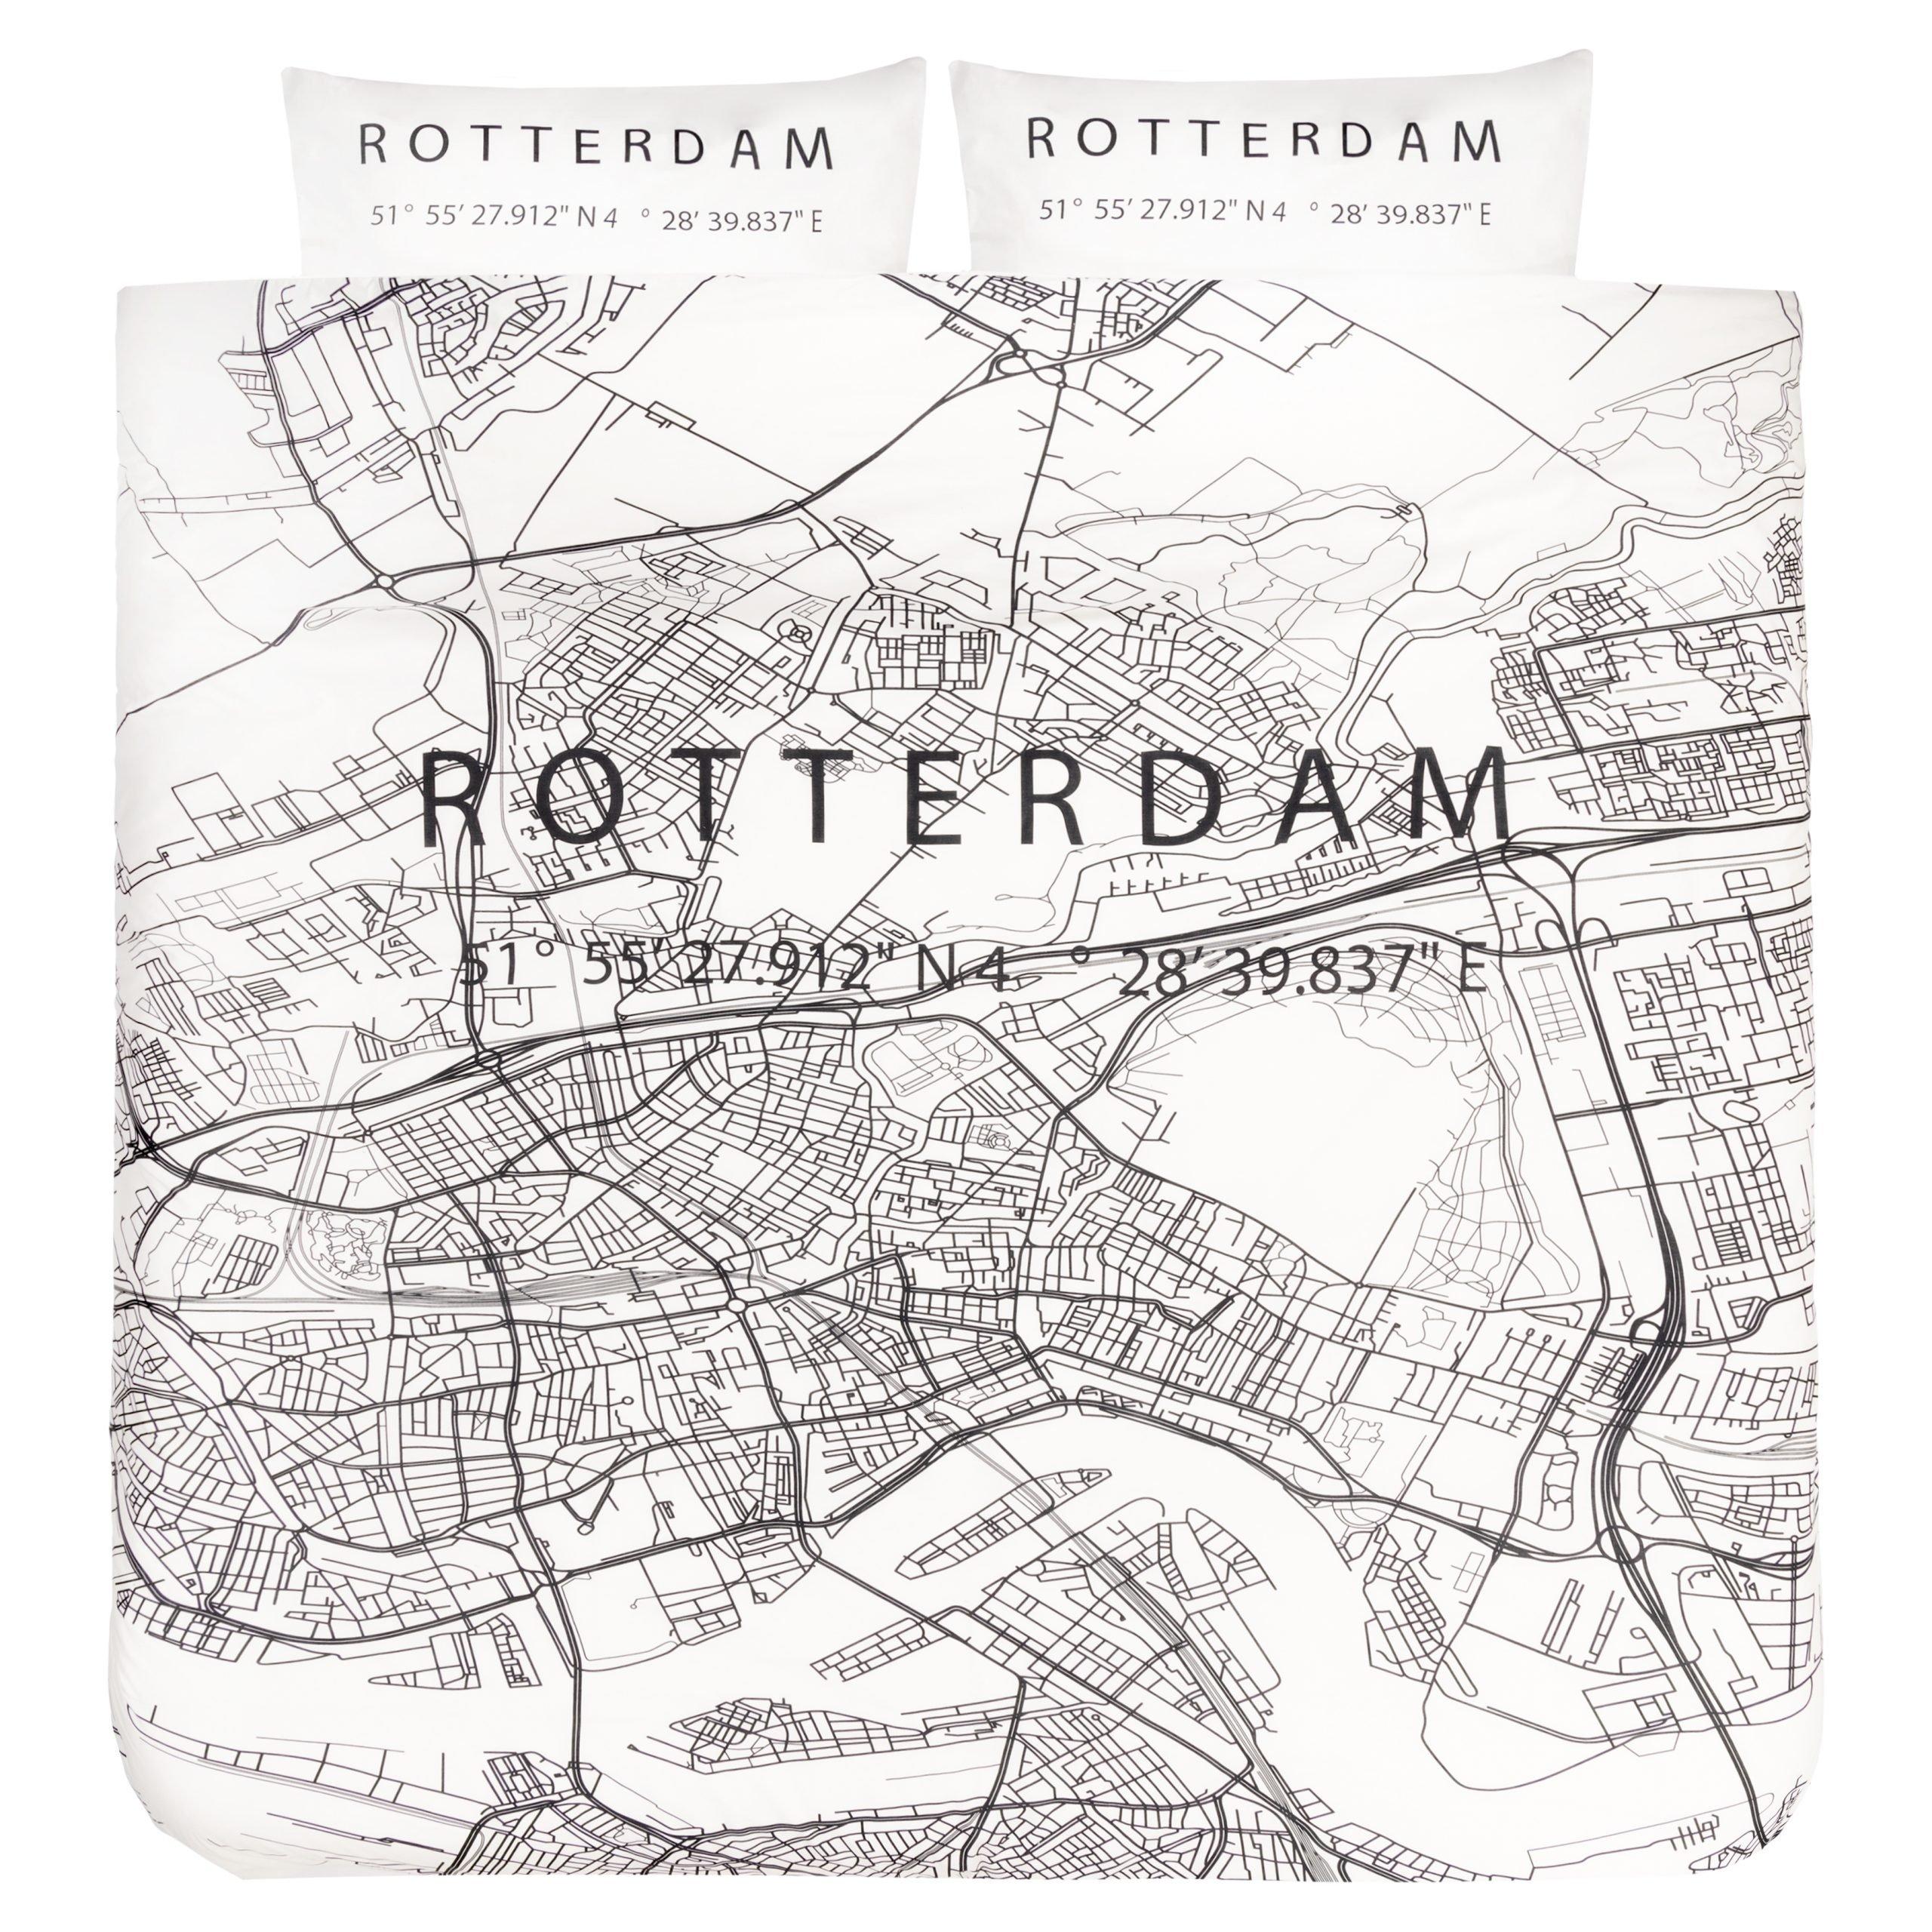 Dekbedovertrek 2-persoons lits-jumeaux BINK city DBO Rotterdam 240x200/240 + sloop 2x 60x70 met een print/stadsplattegrond van Rotterdam in zwart wit.